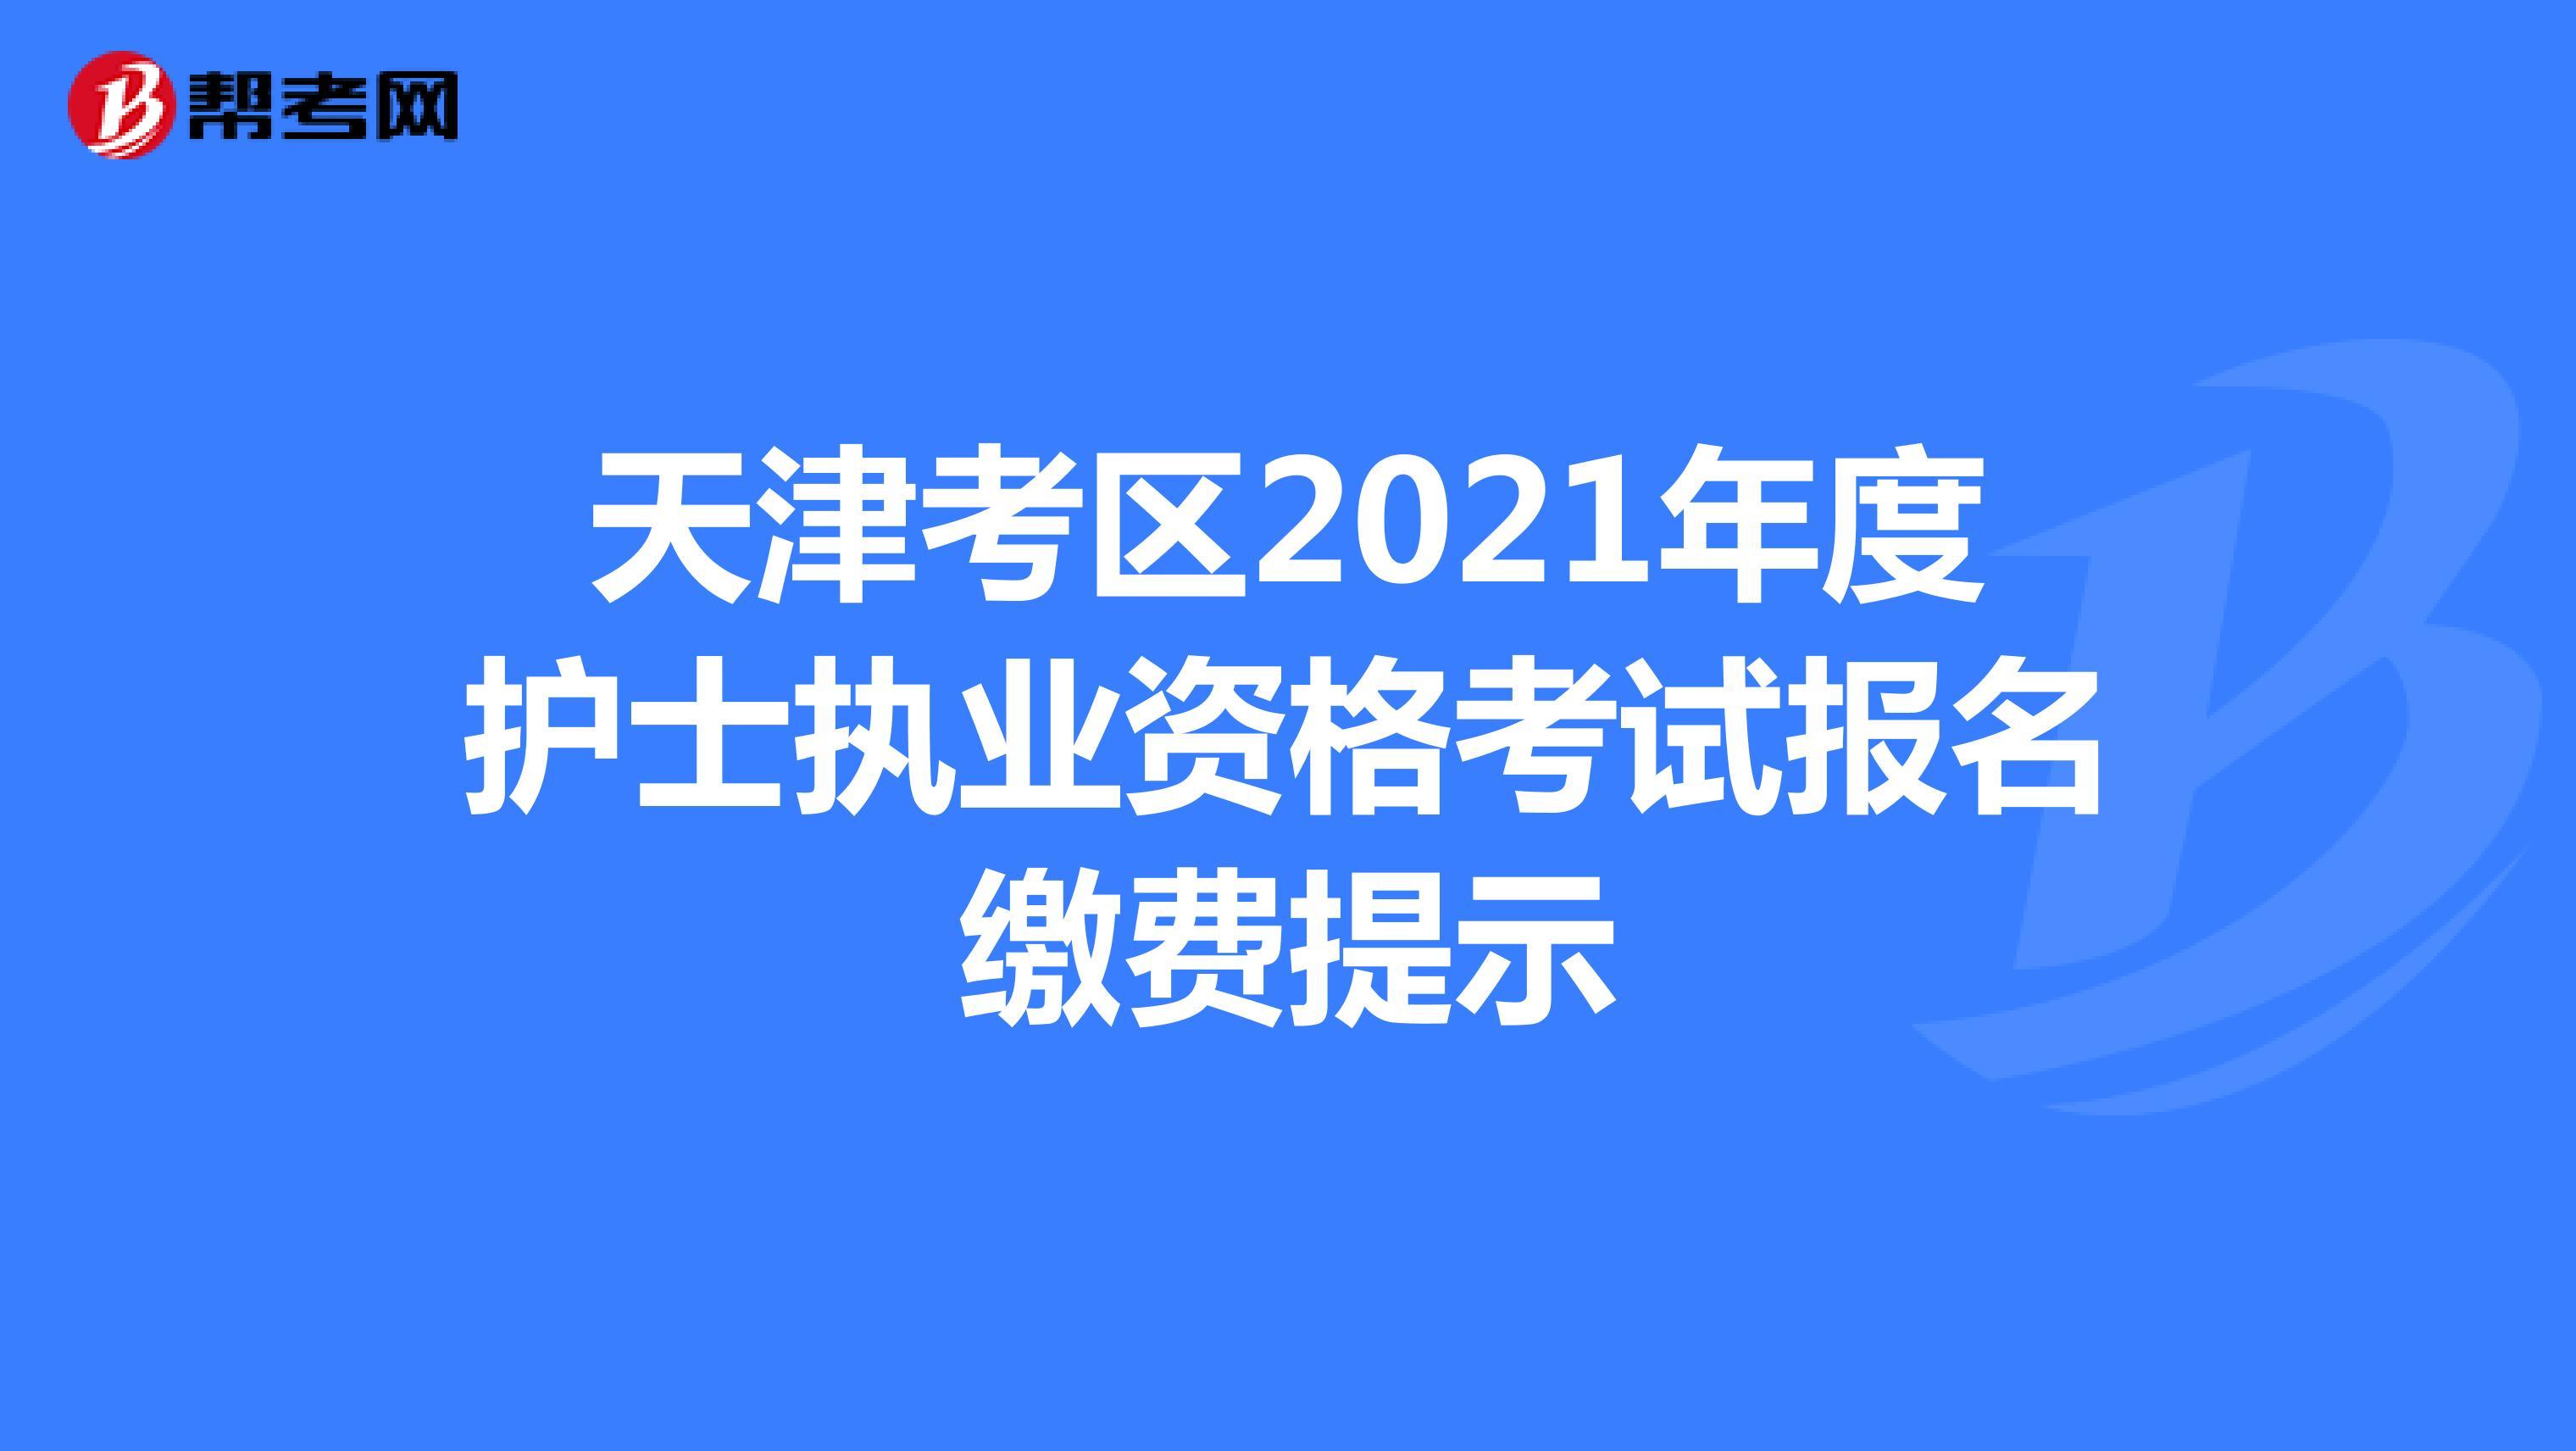 天津考區2021年度護士執業資格考試報名繳費提示